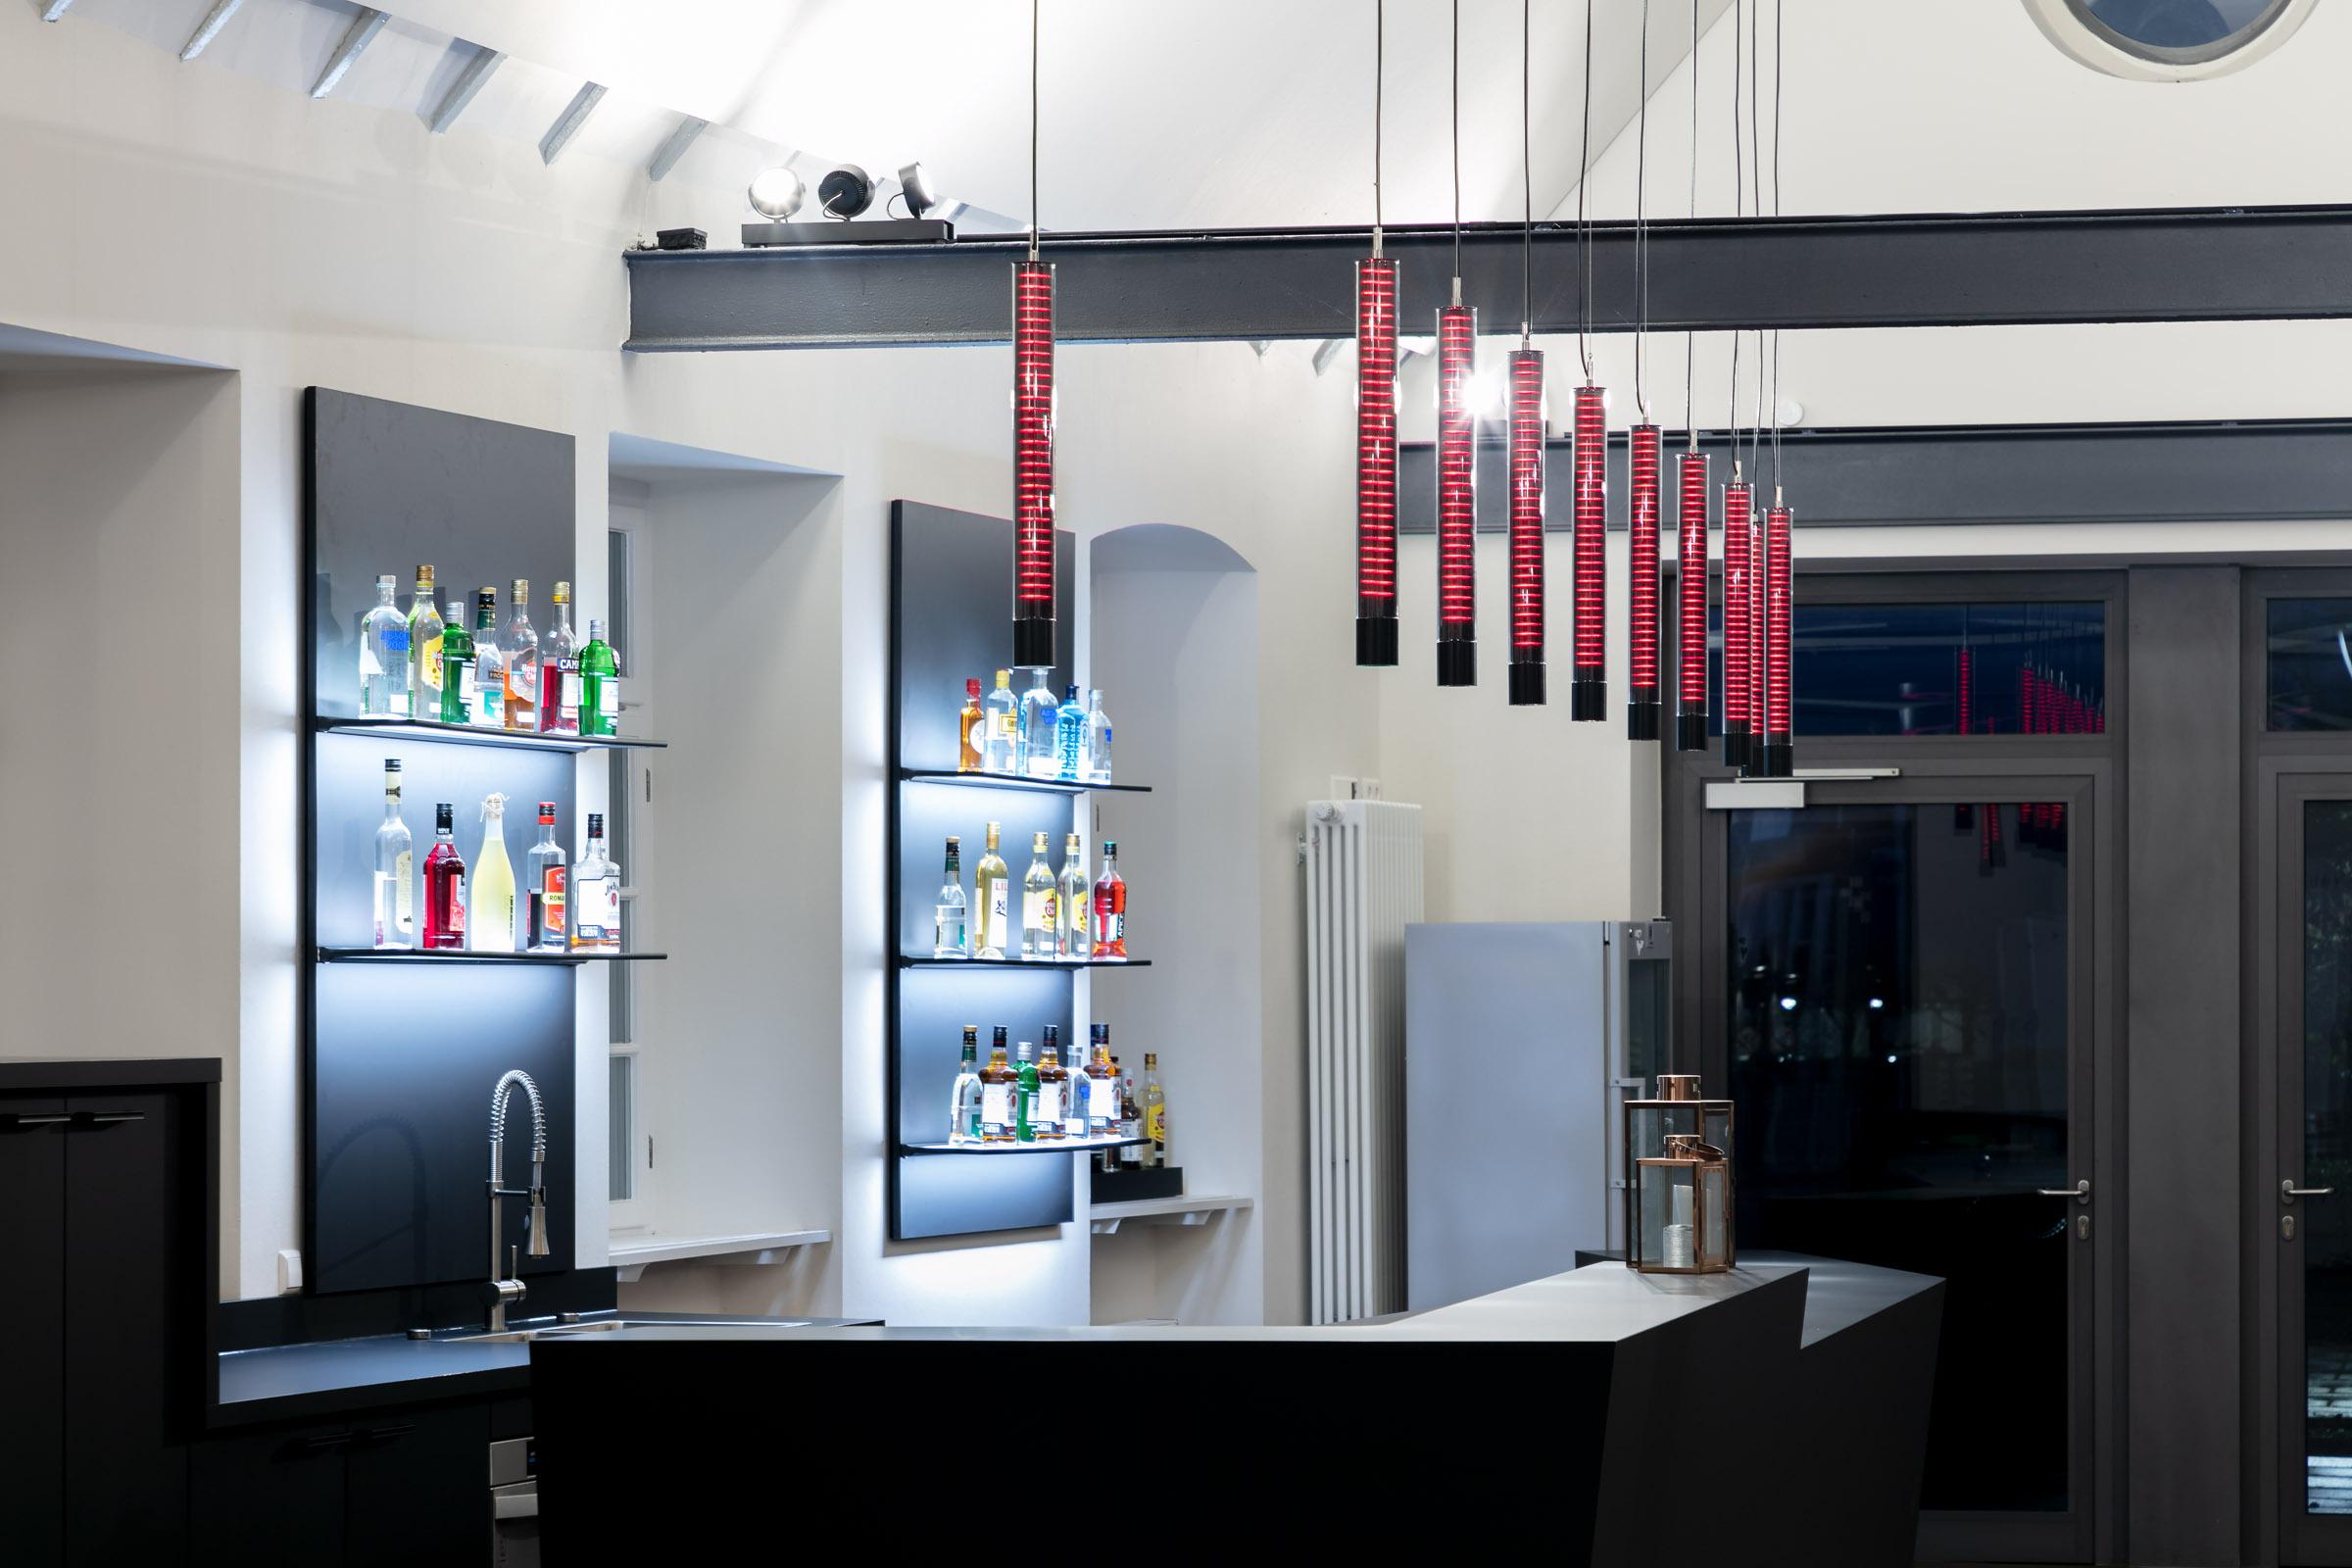 Eine Bar mit rot leuchtenden Glasleuchten, die nebeneinander hängen